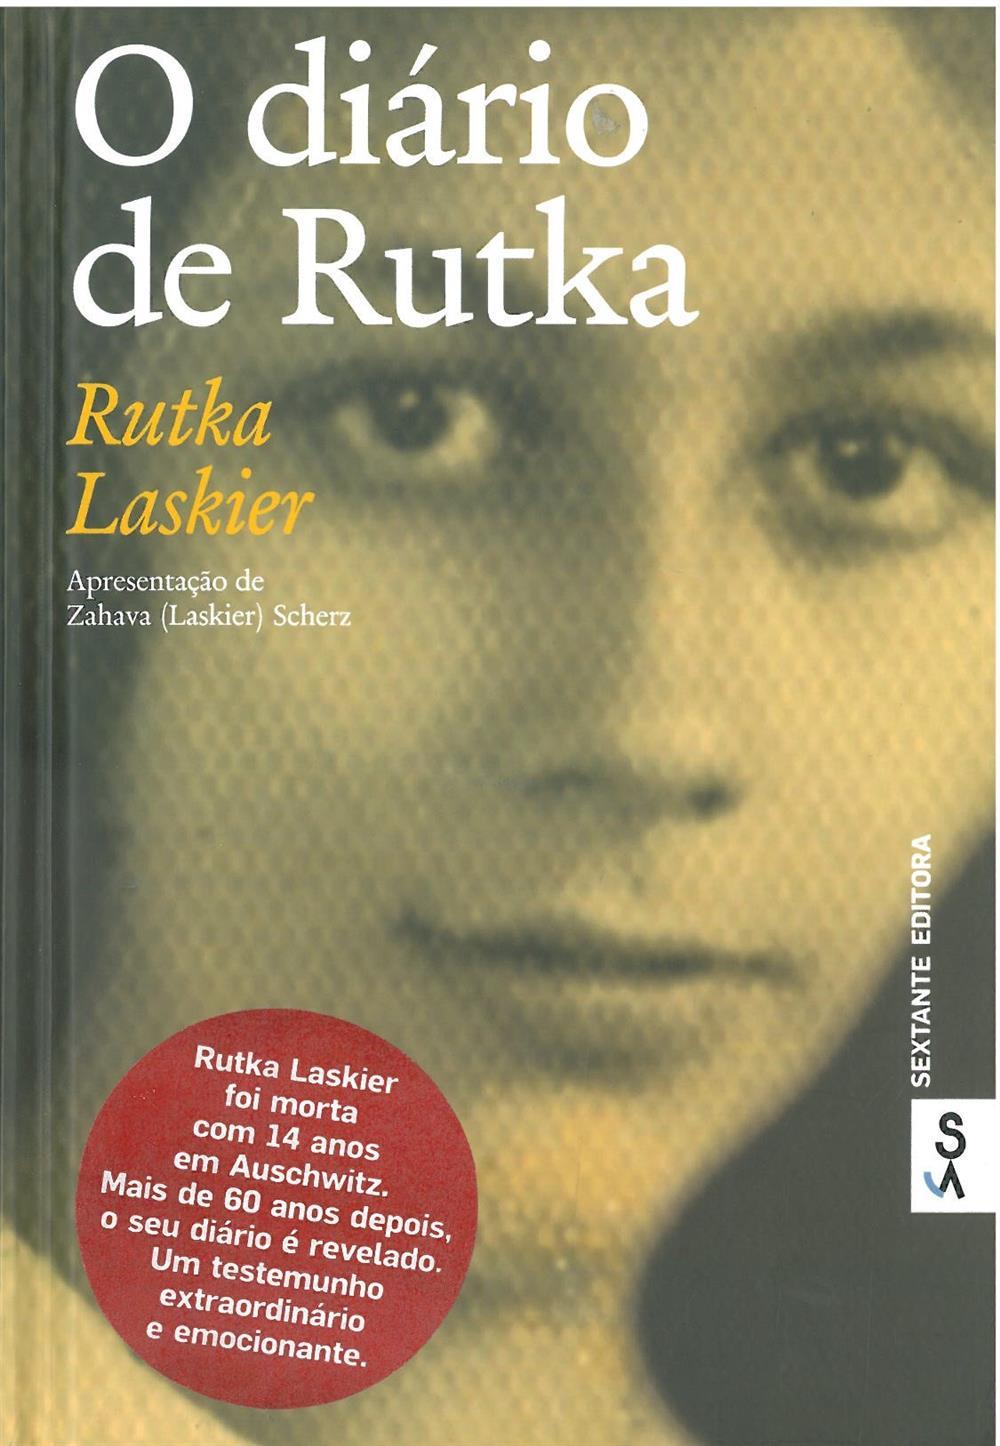 O diário de Rutka.jpg